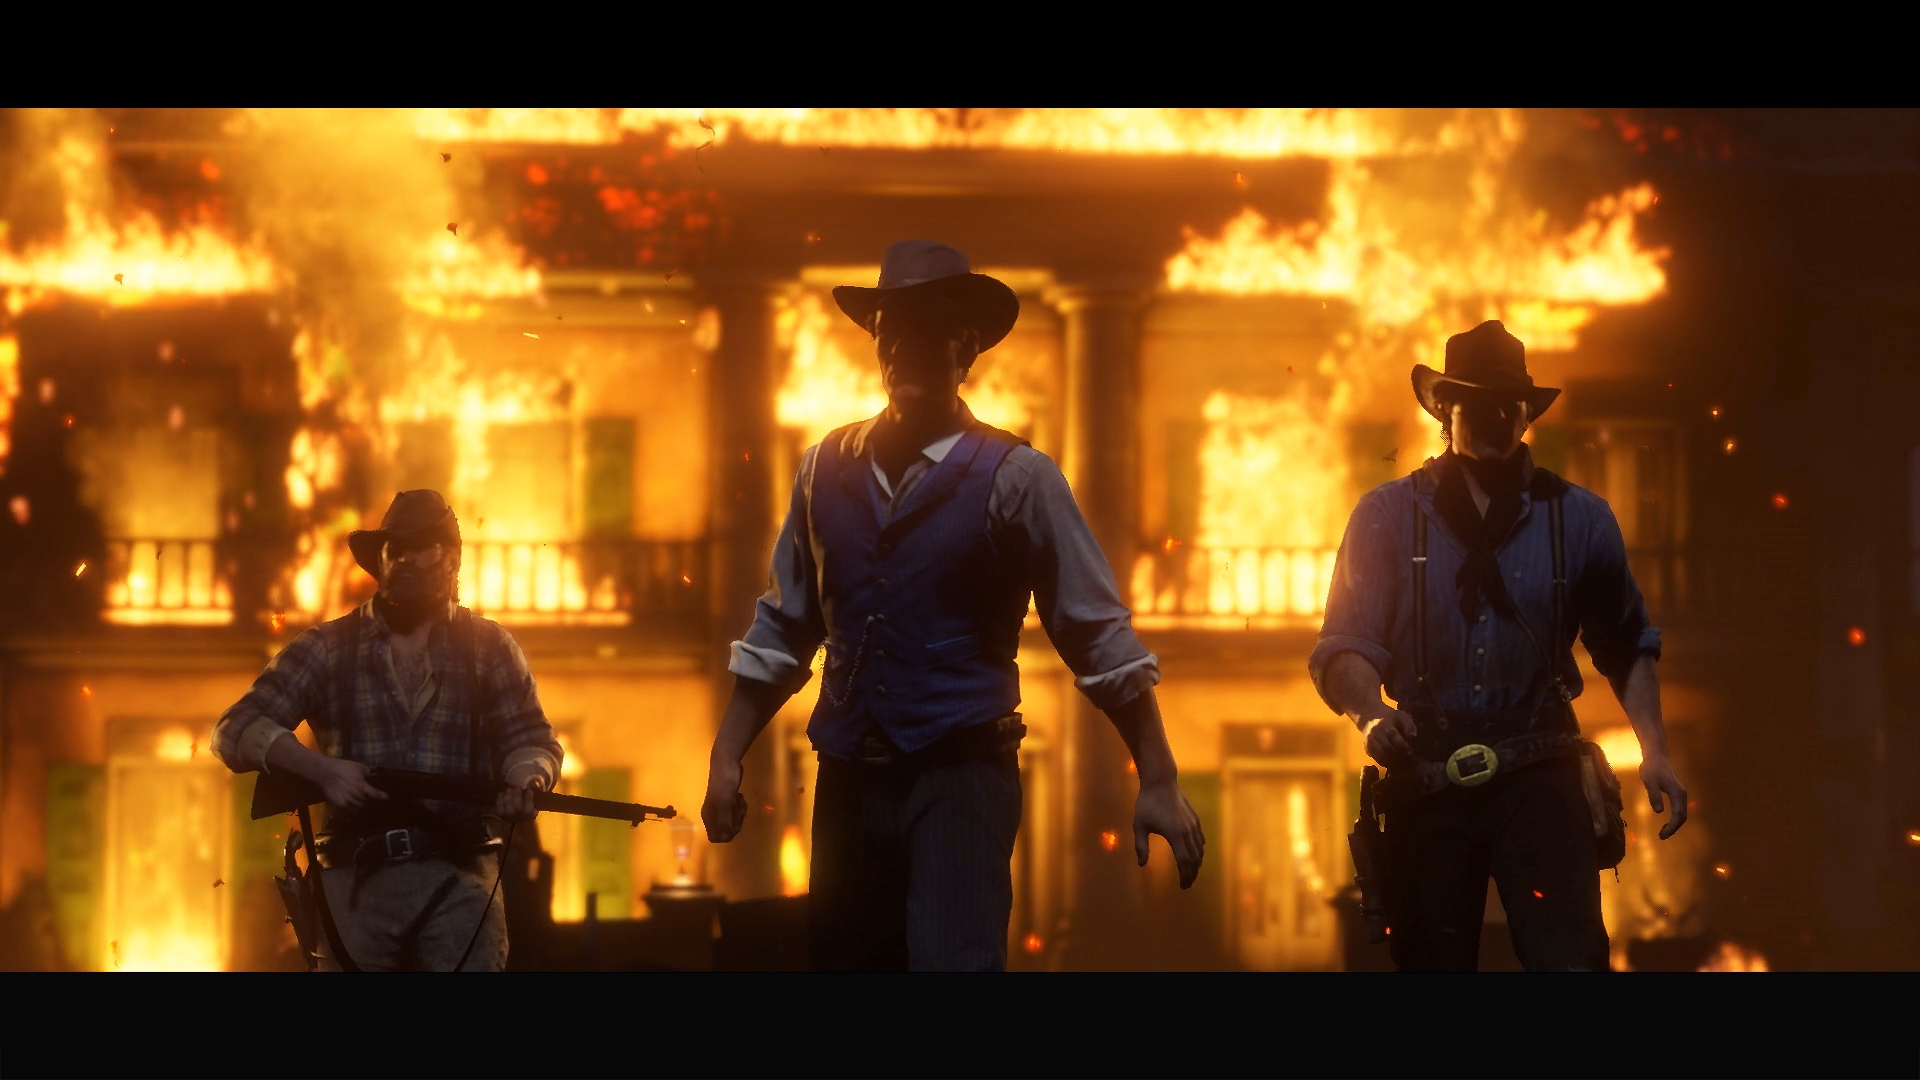 trailer2_013.jpg